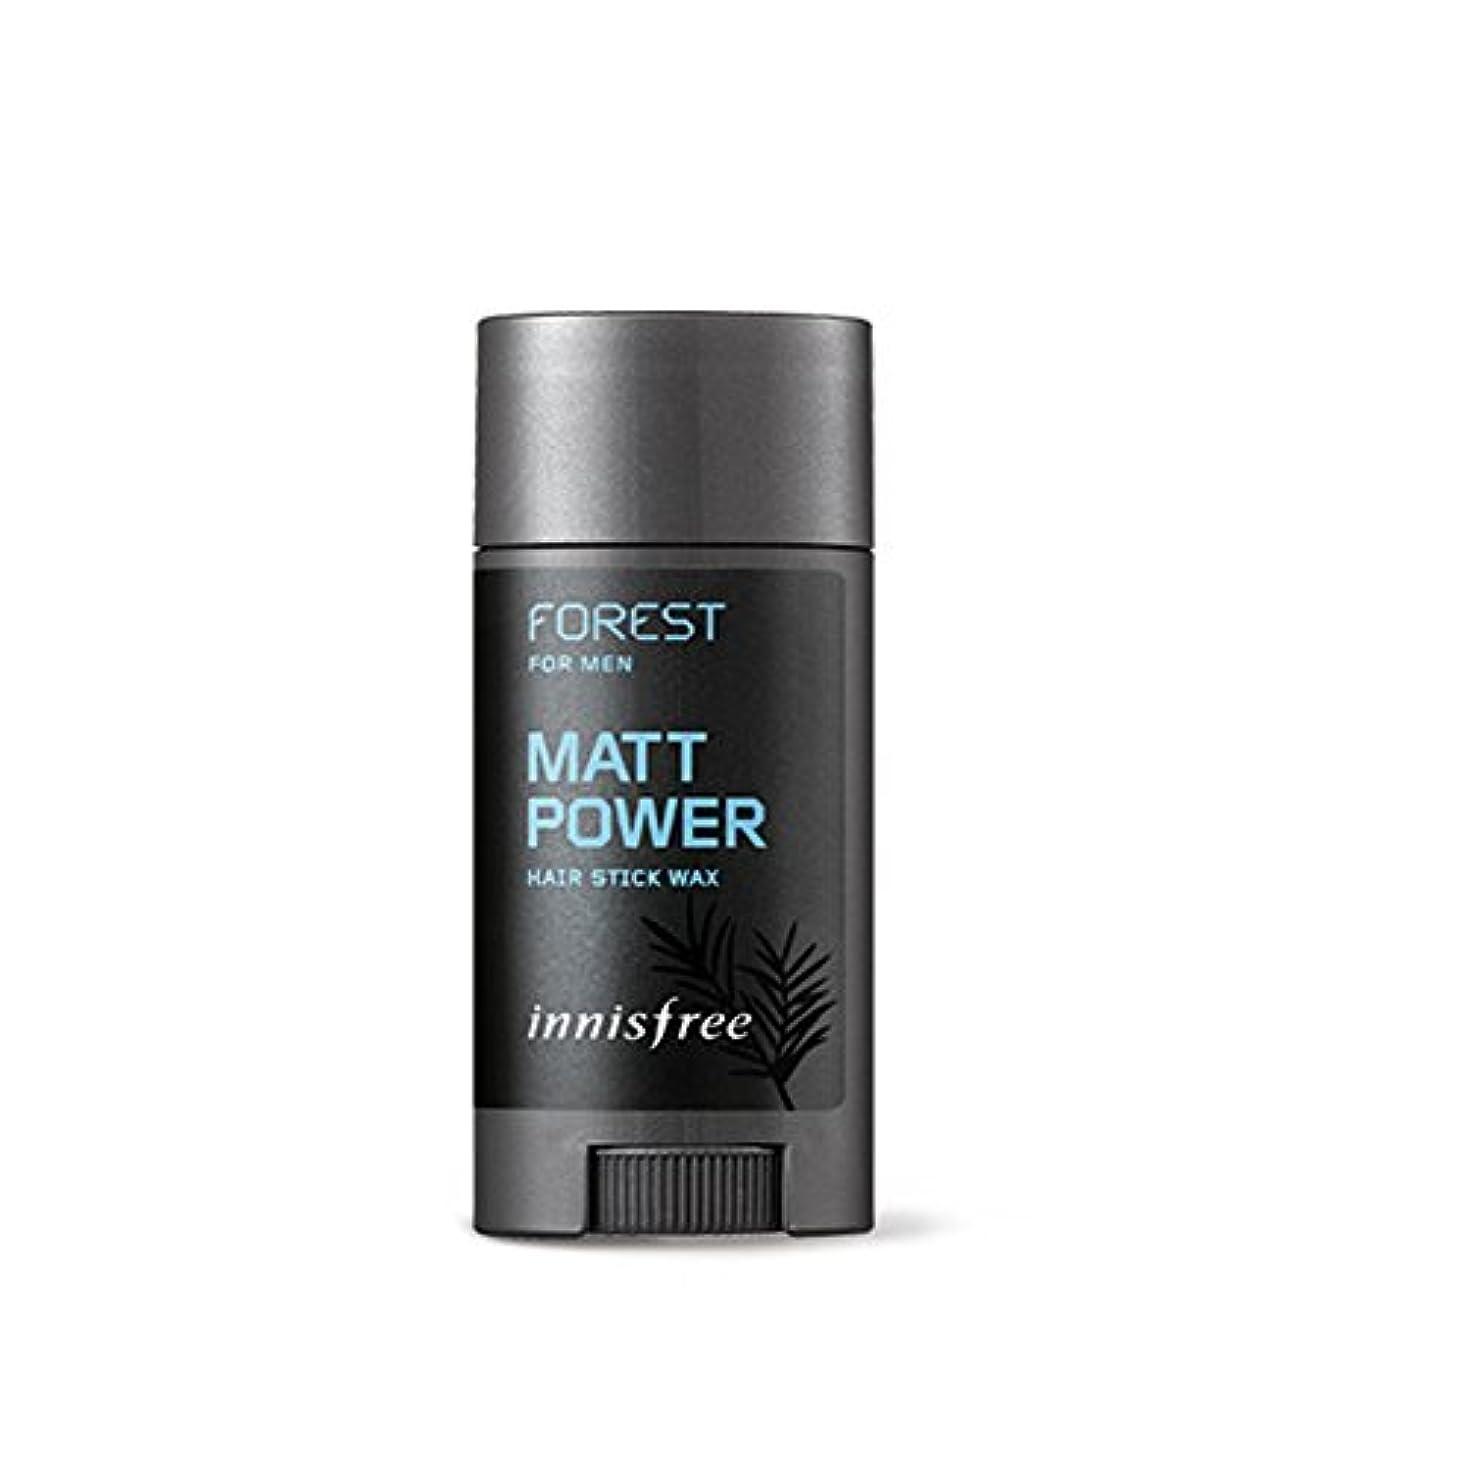 持ってるダメージ知るイニスフリーフォレストメンズヘアスティックワックス、マットパワー15g / Innisfree Forest for Men Hair Stick Wax, Matt Power 15g [並行輸入品][海外直送品]